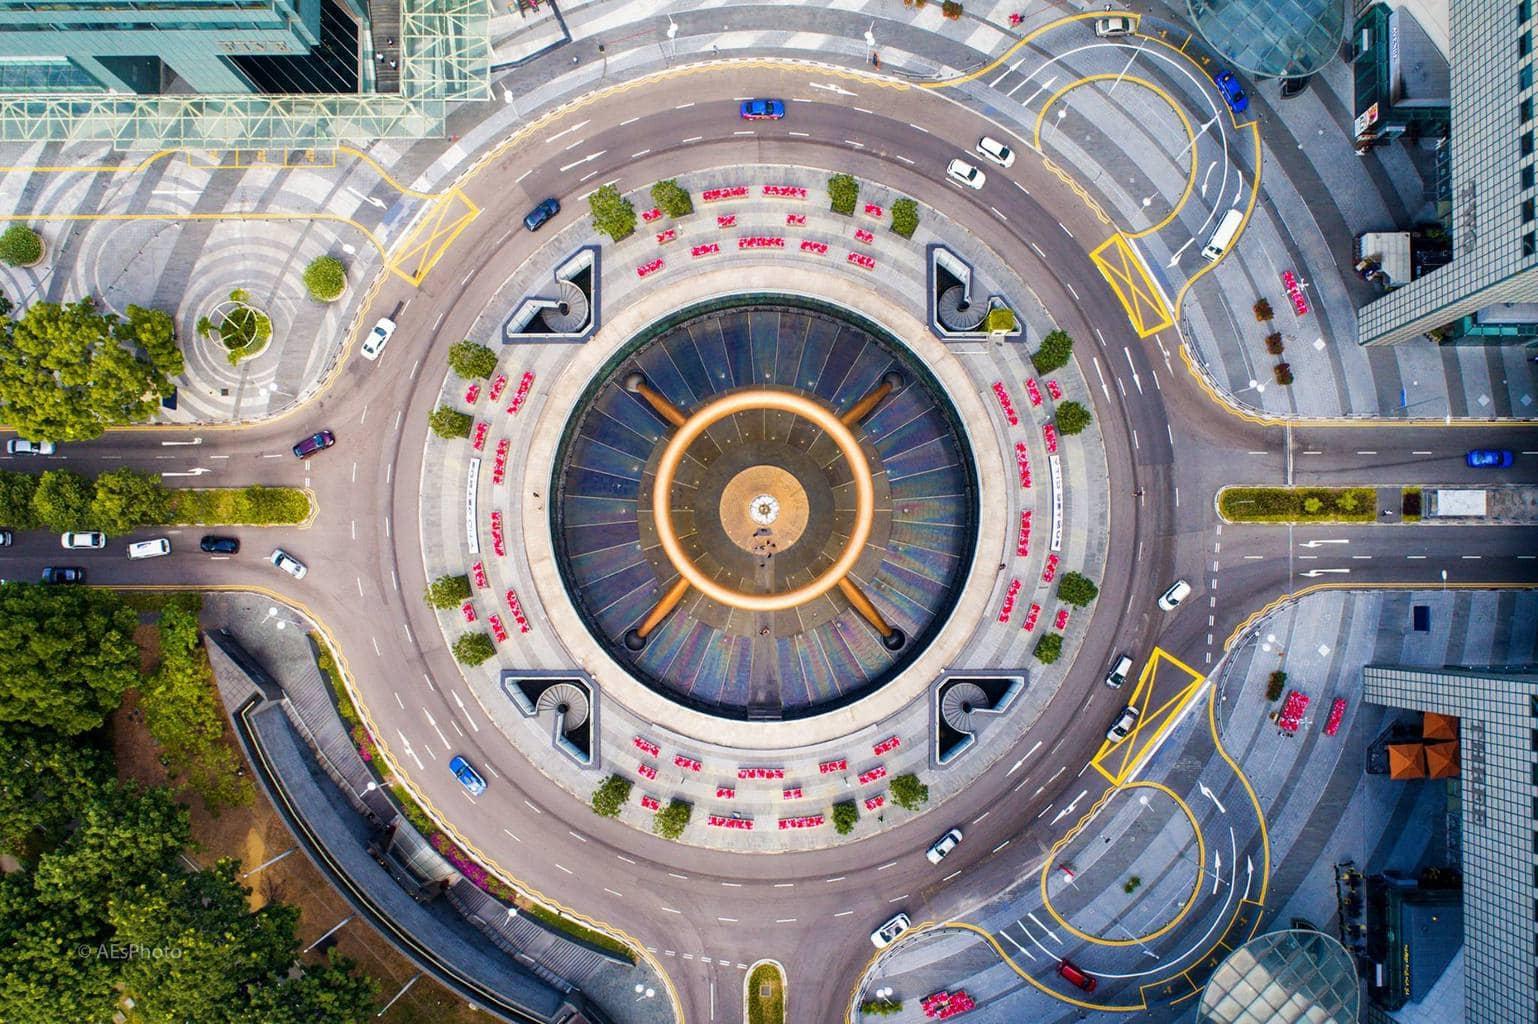 Fountain of Wealth Singapore – Photo courtesy of Allan Espolong